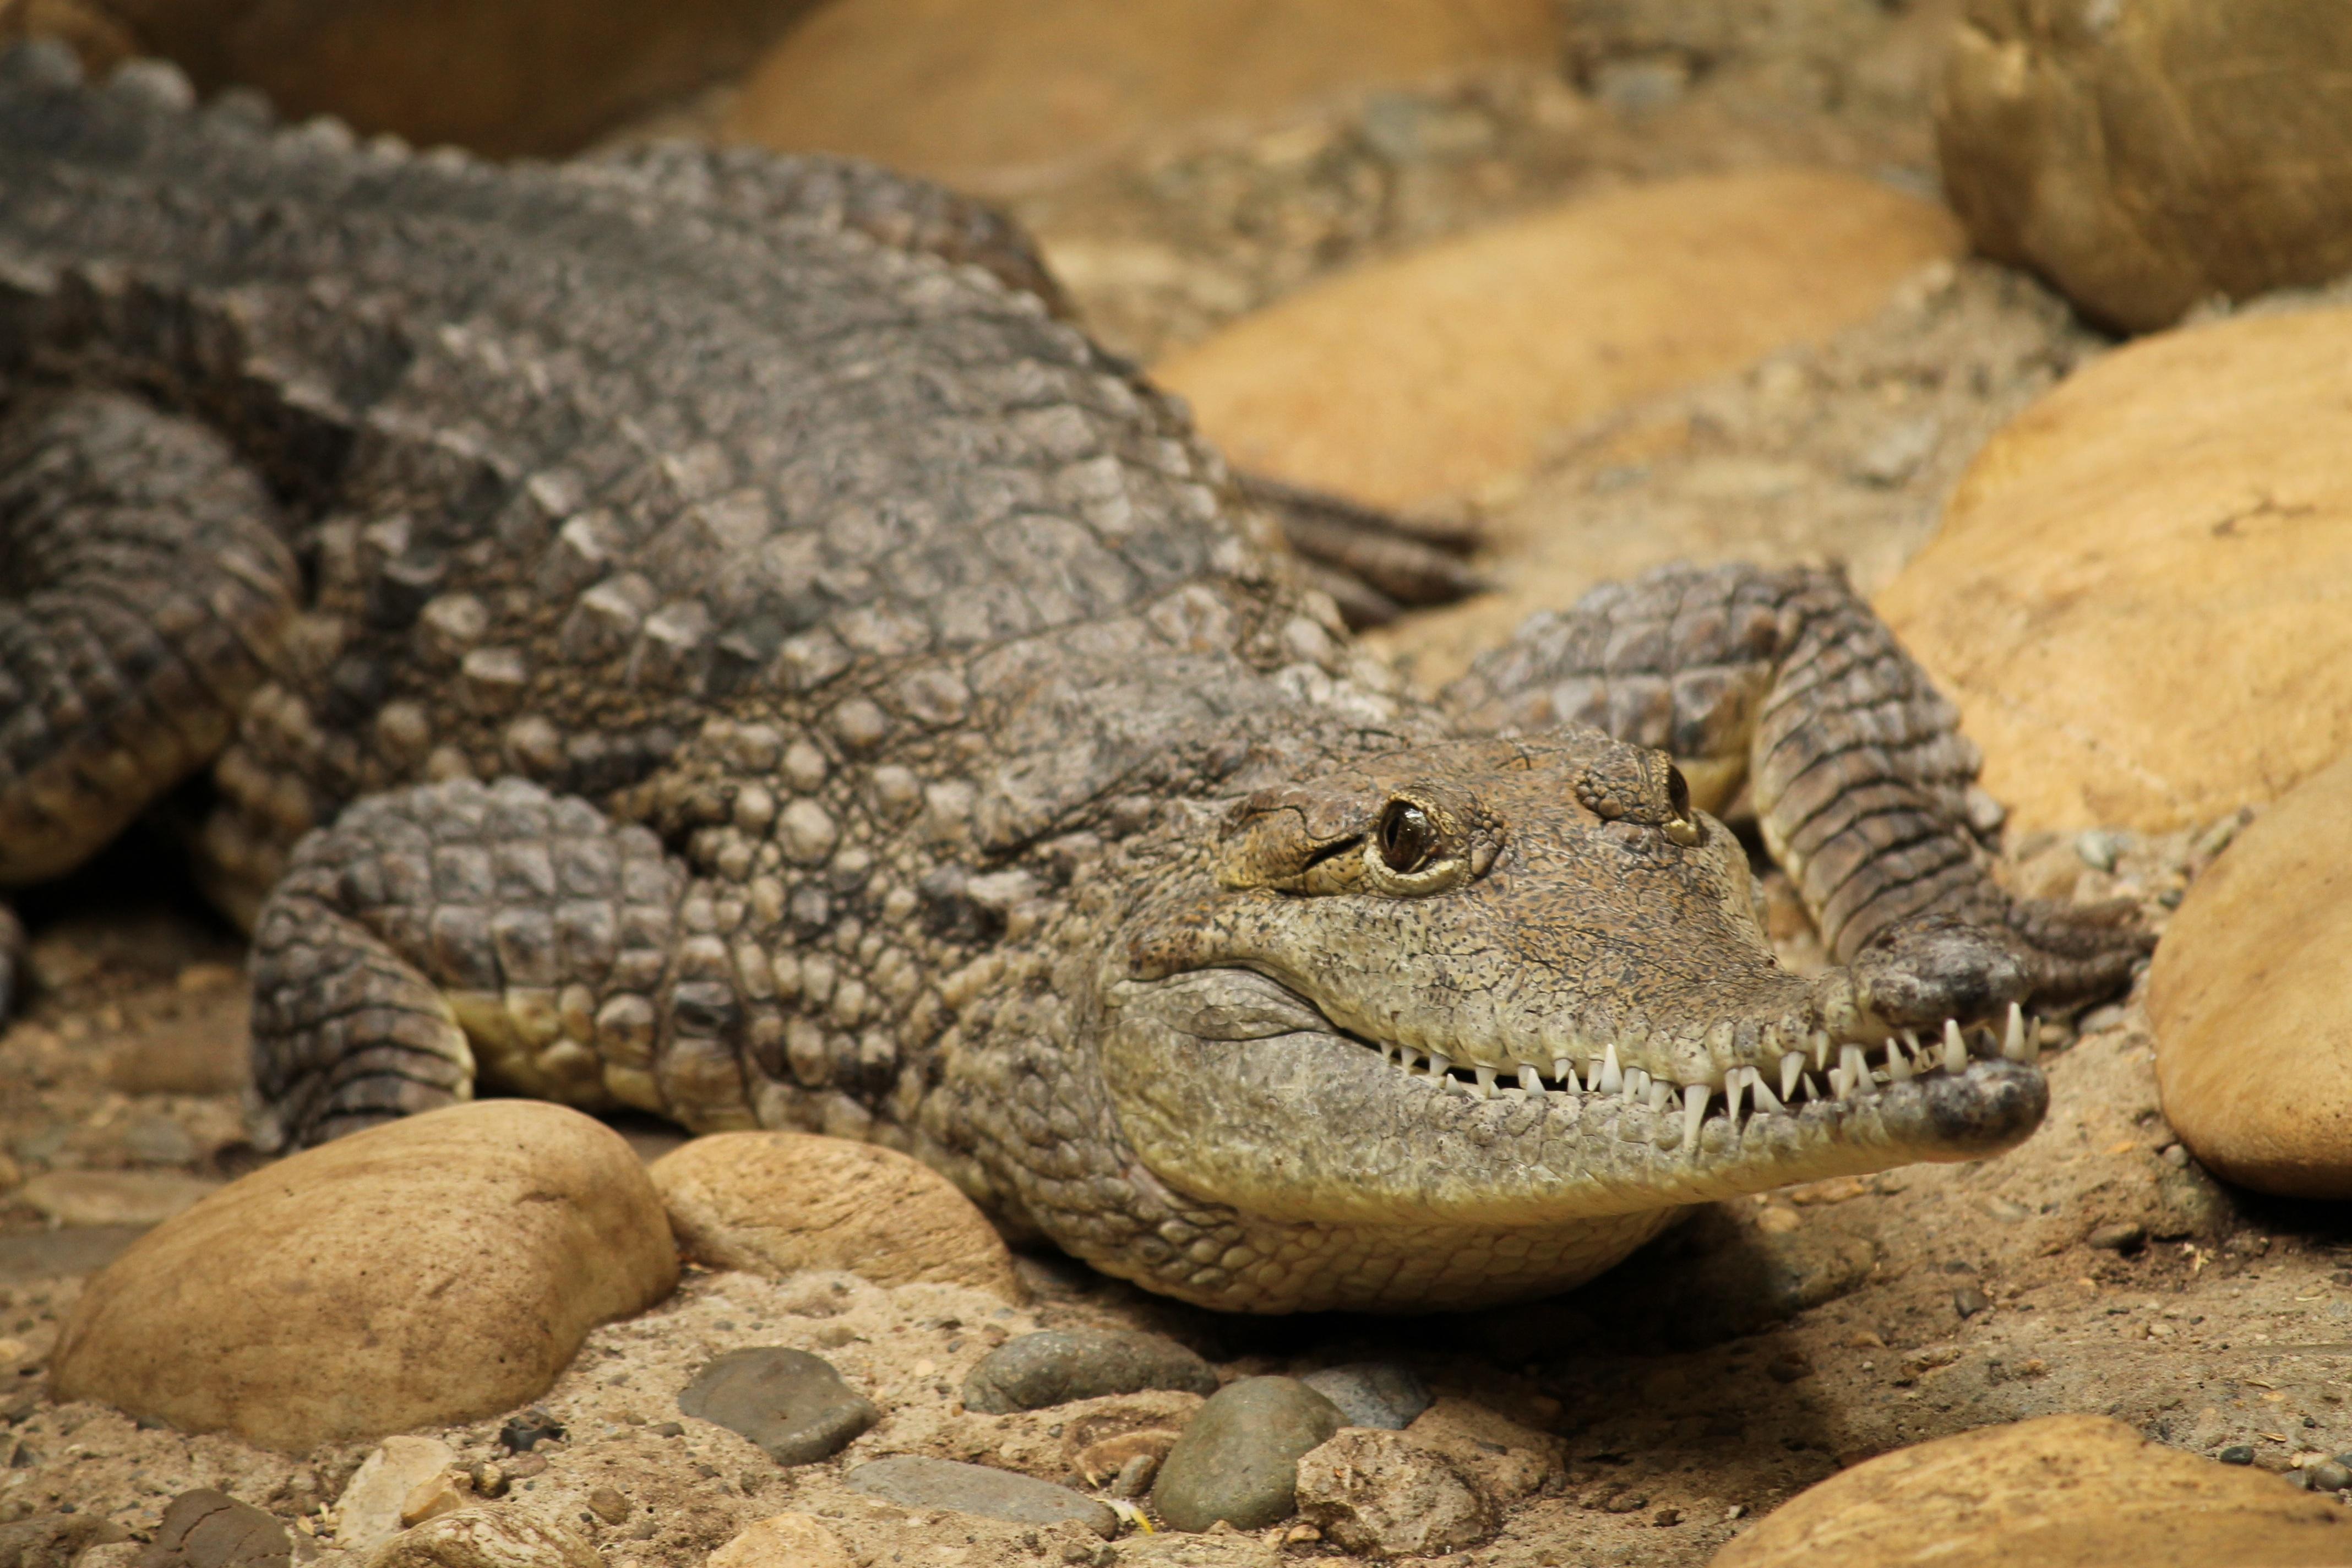 прекрасного картинки крокодилов и змей том, насколько